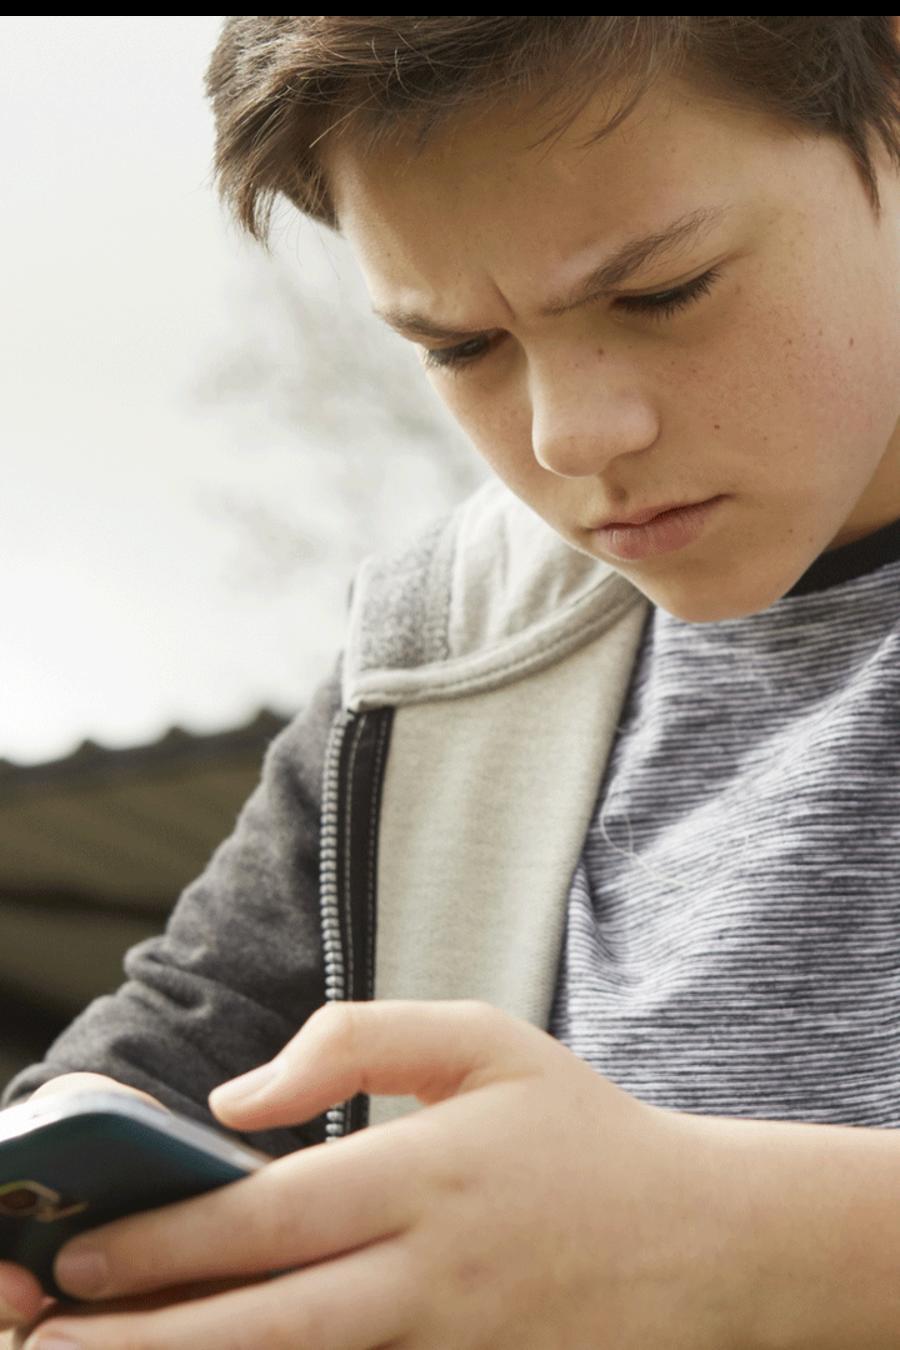 Adolescente ansioso mirando su smartphone